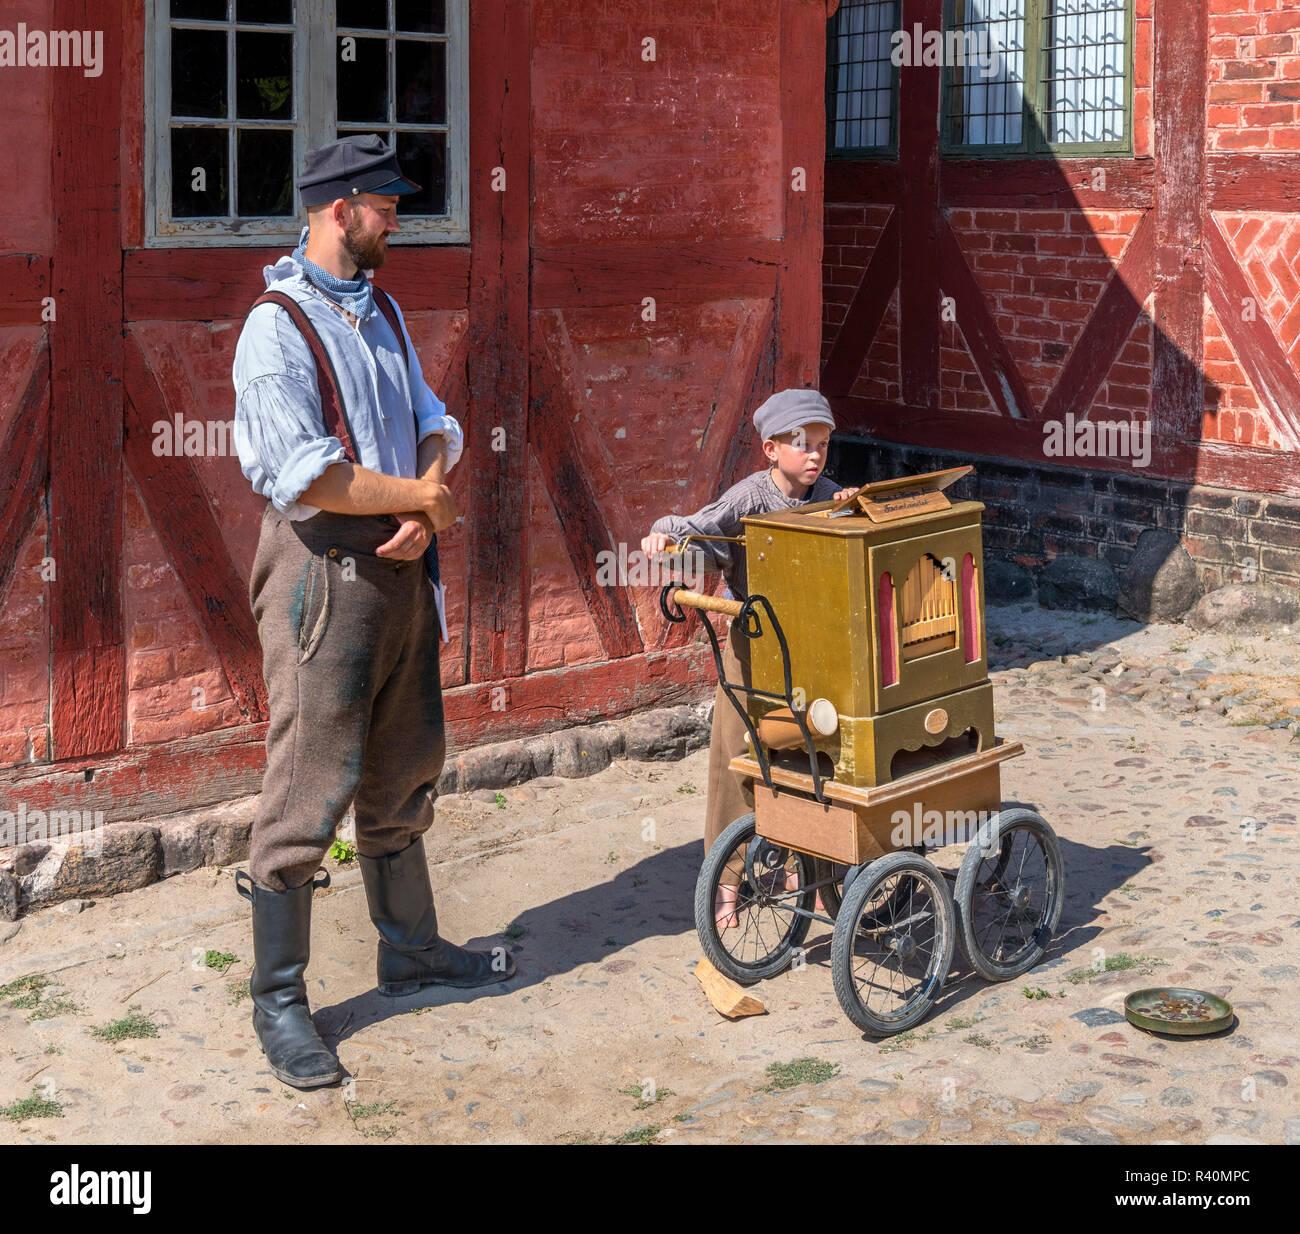 Y el hombre joven con trajes de época jugando organillo, Plaza del Mercado (Torvet), la Ciudad Vieja (Den Gamle By), un museo al aire libre en Aarhus, Dinamarca Imagen De Stock